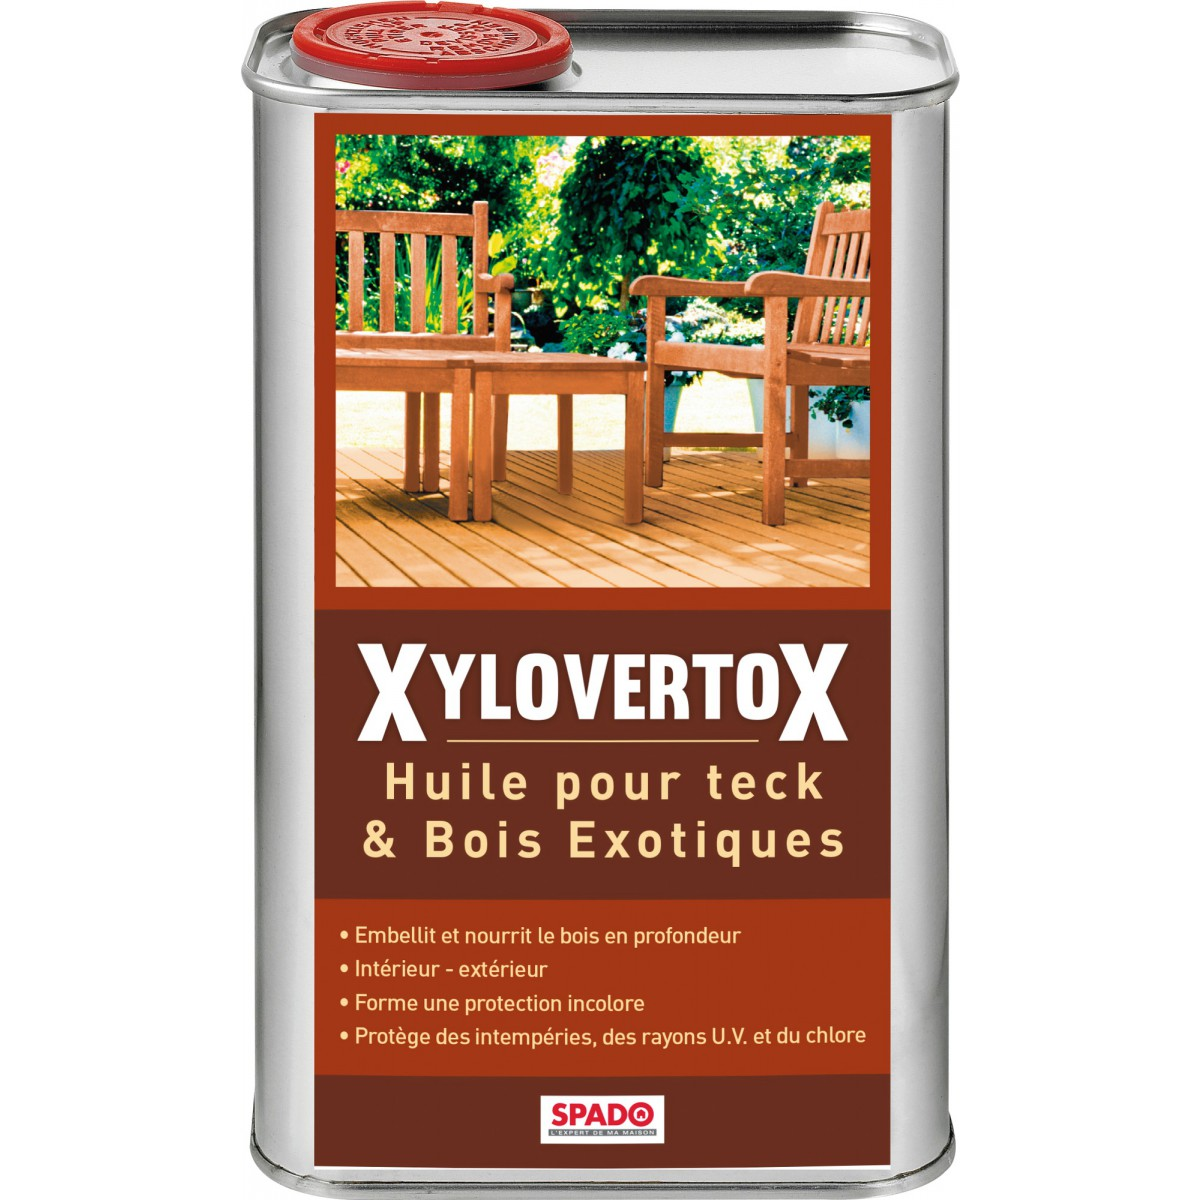 Tasseau Bois Exotique Exterieur huile pour teck et bois exotique spado - bidon 1 l